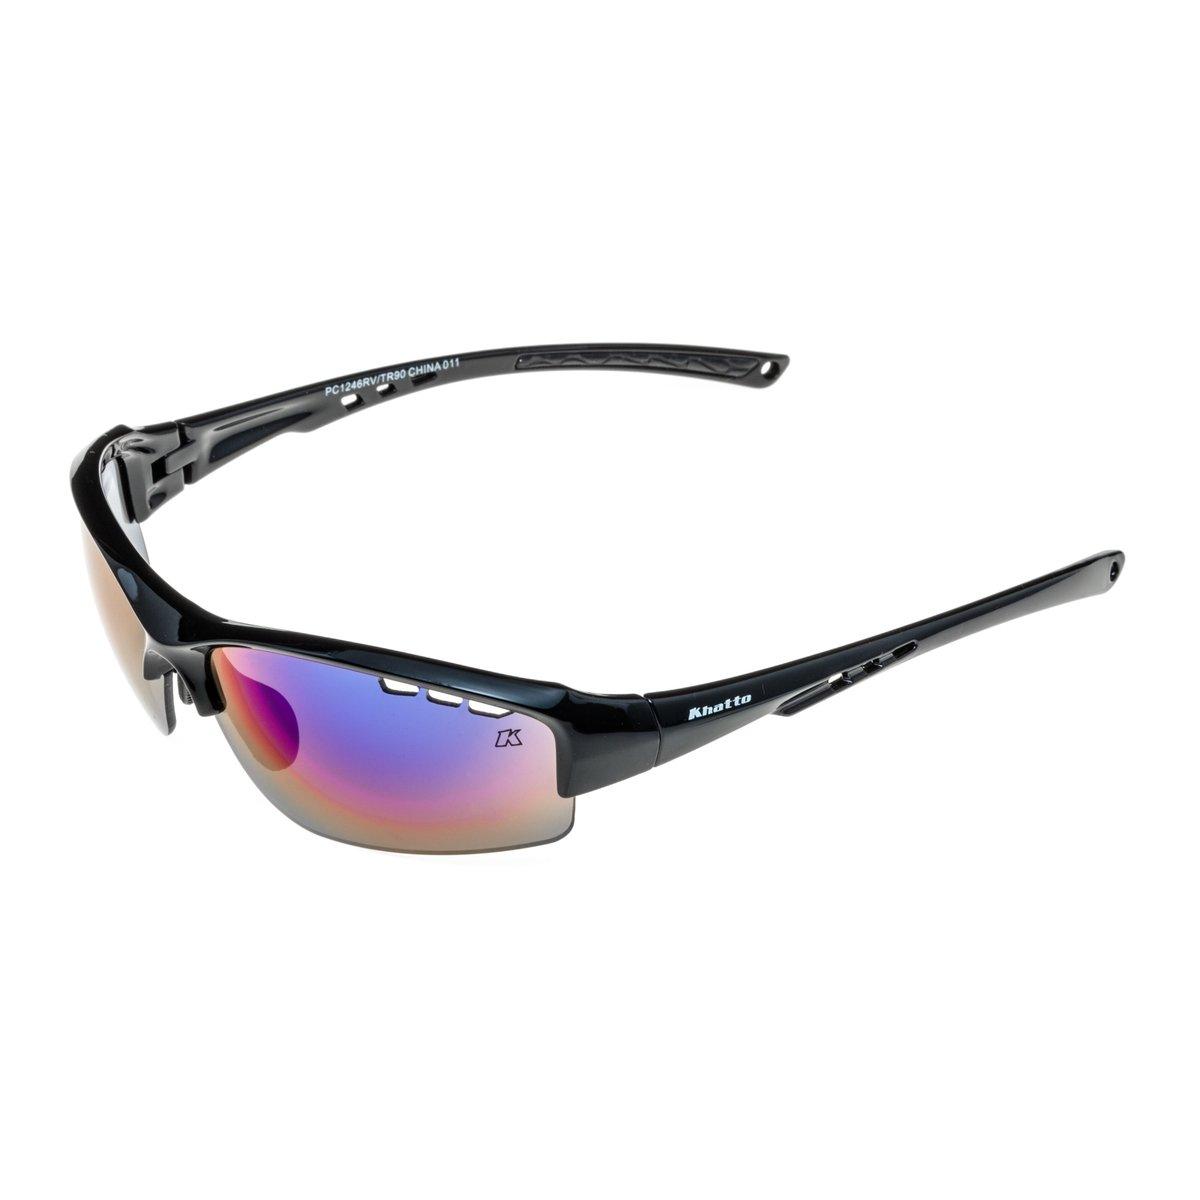 a6393c4f7d700 Óculos de Sol Khatto KTS1246 - Compre Agora   Zattini